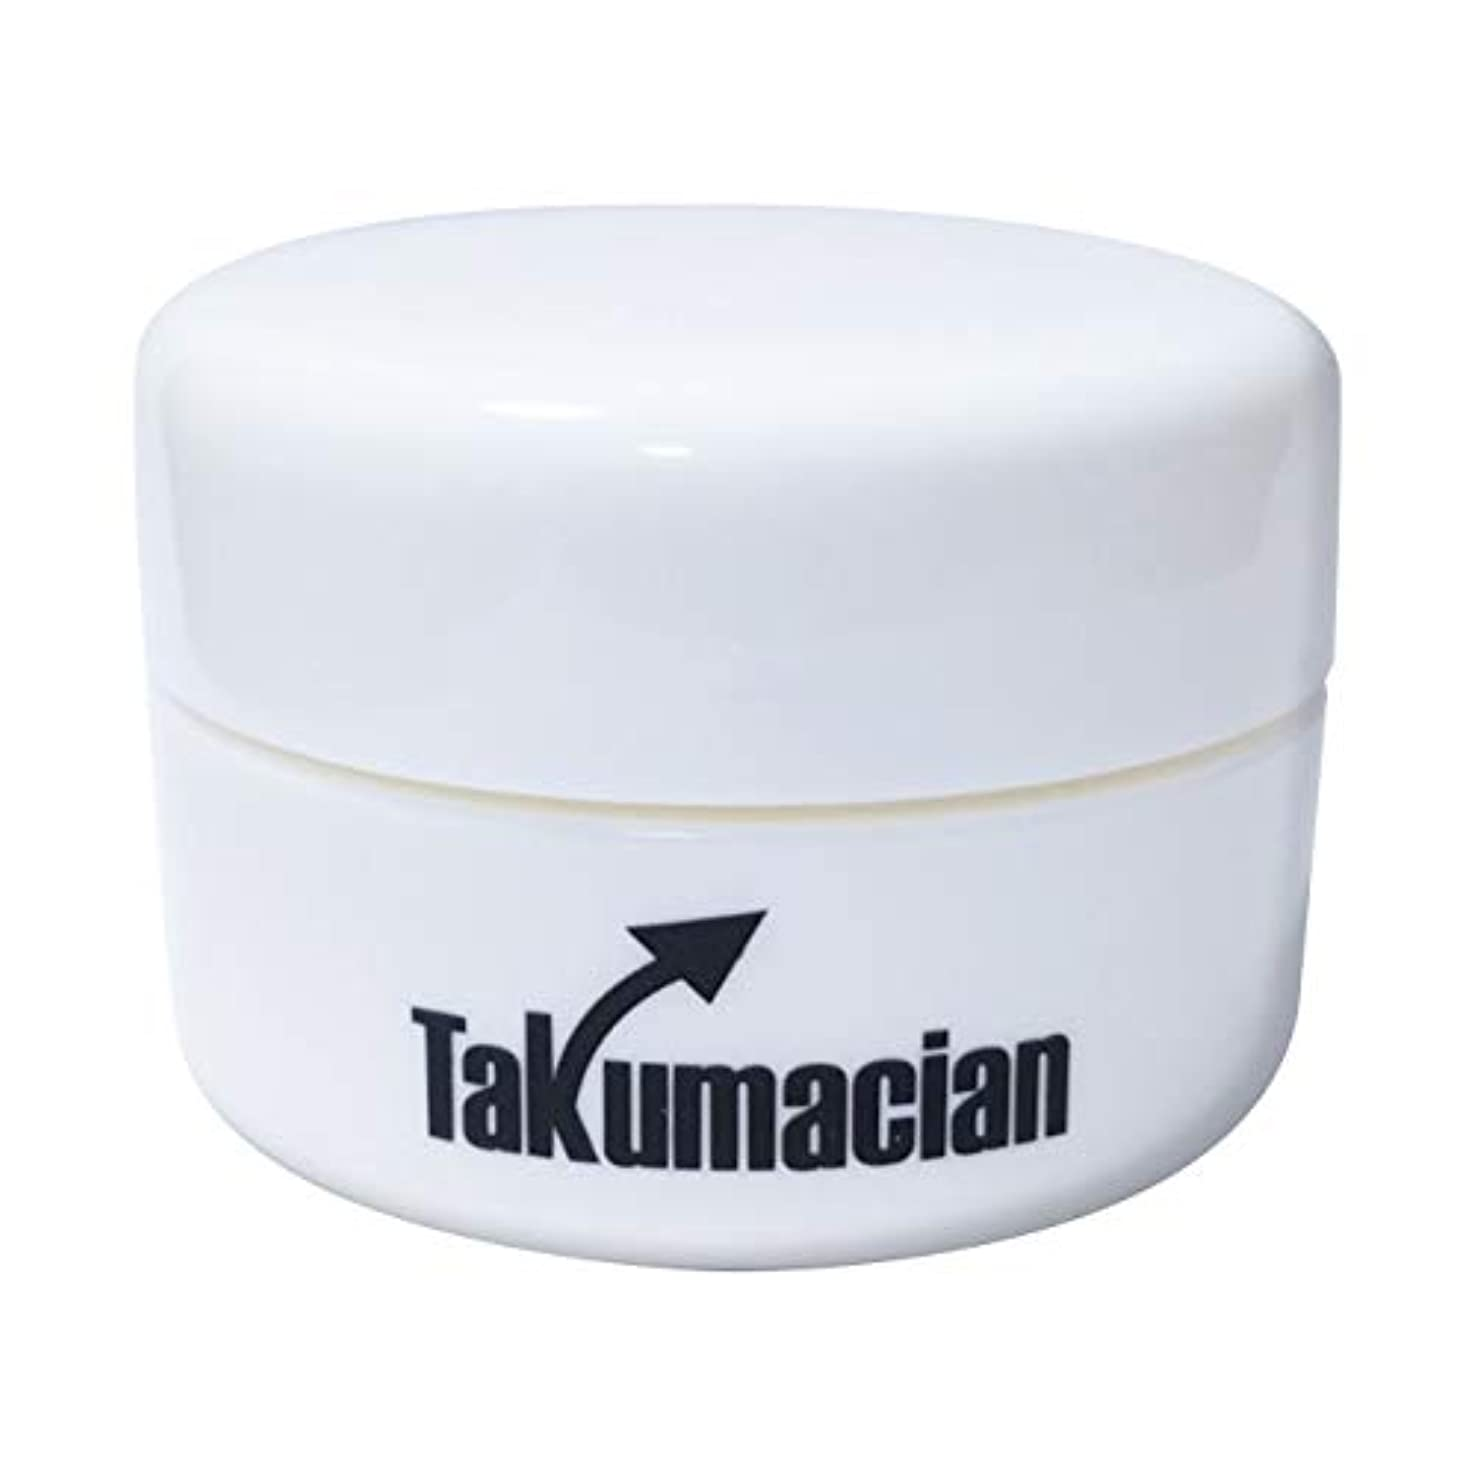 クレーン呼びかける欲求不満Takumacian タクマシアン ボディ用クリーム 男性用 長持ち 自信